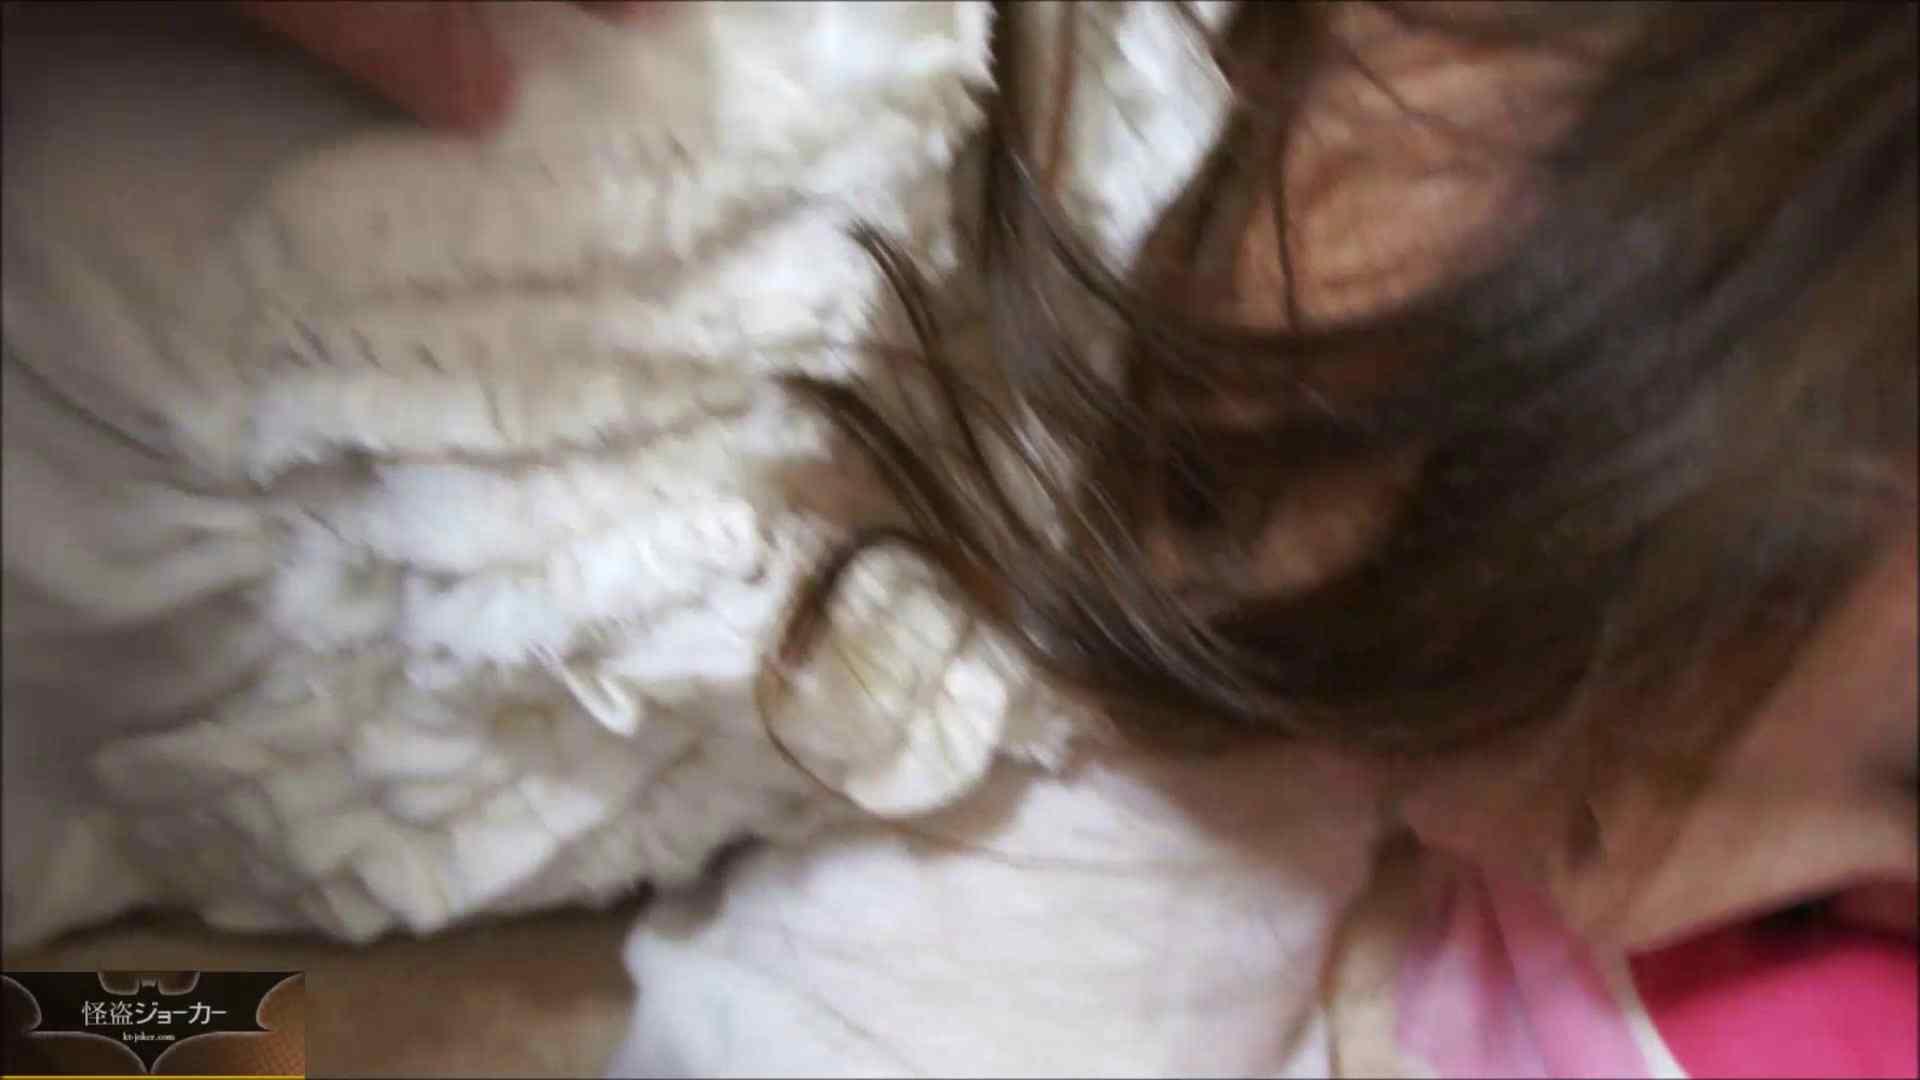 【未公開】vol.23 ユリナ、寝取られのアト。 セックス 性交動画流出 108枚 34